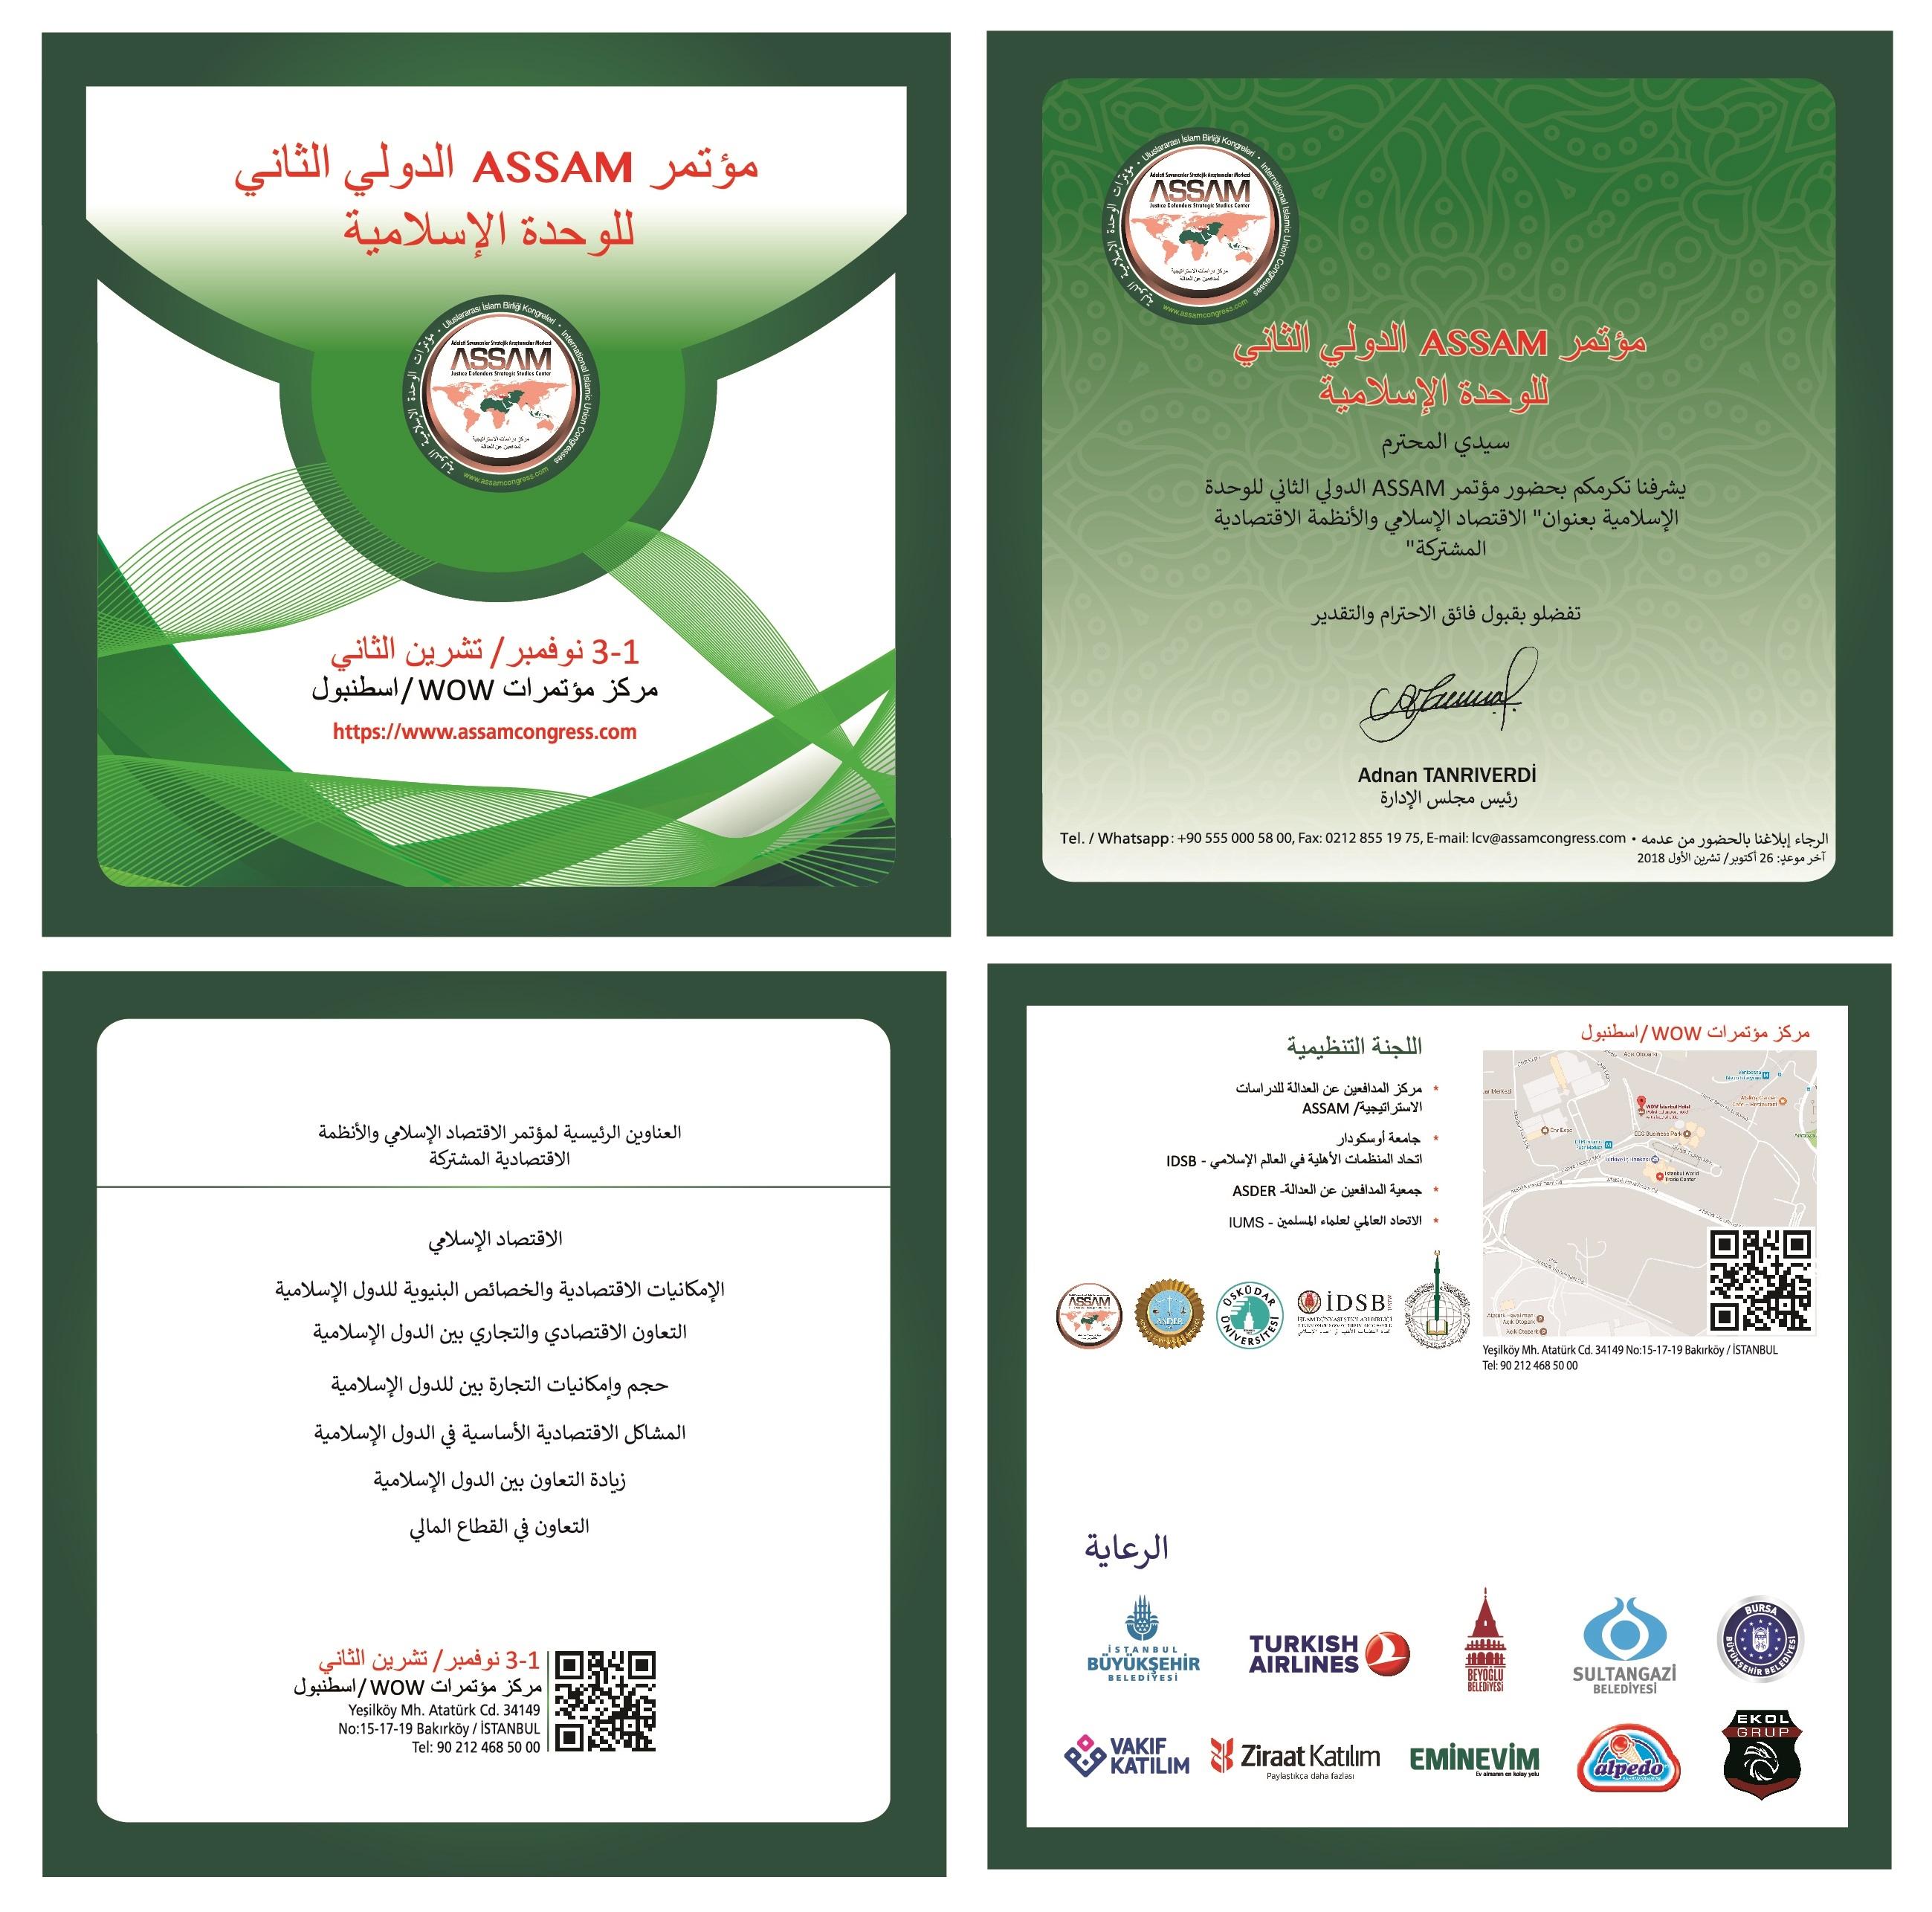 I2nci Uluslararası ASSAM İslam Birliği Kongresi